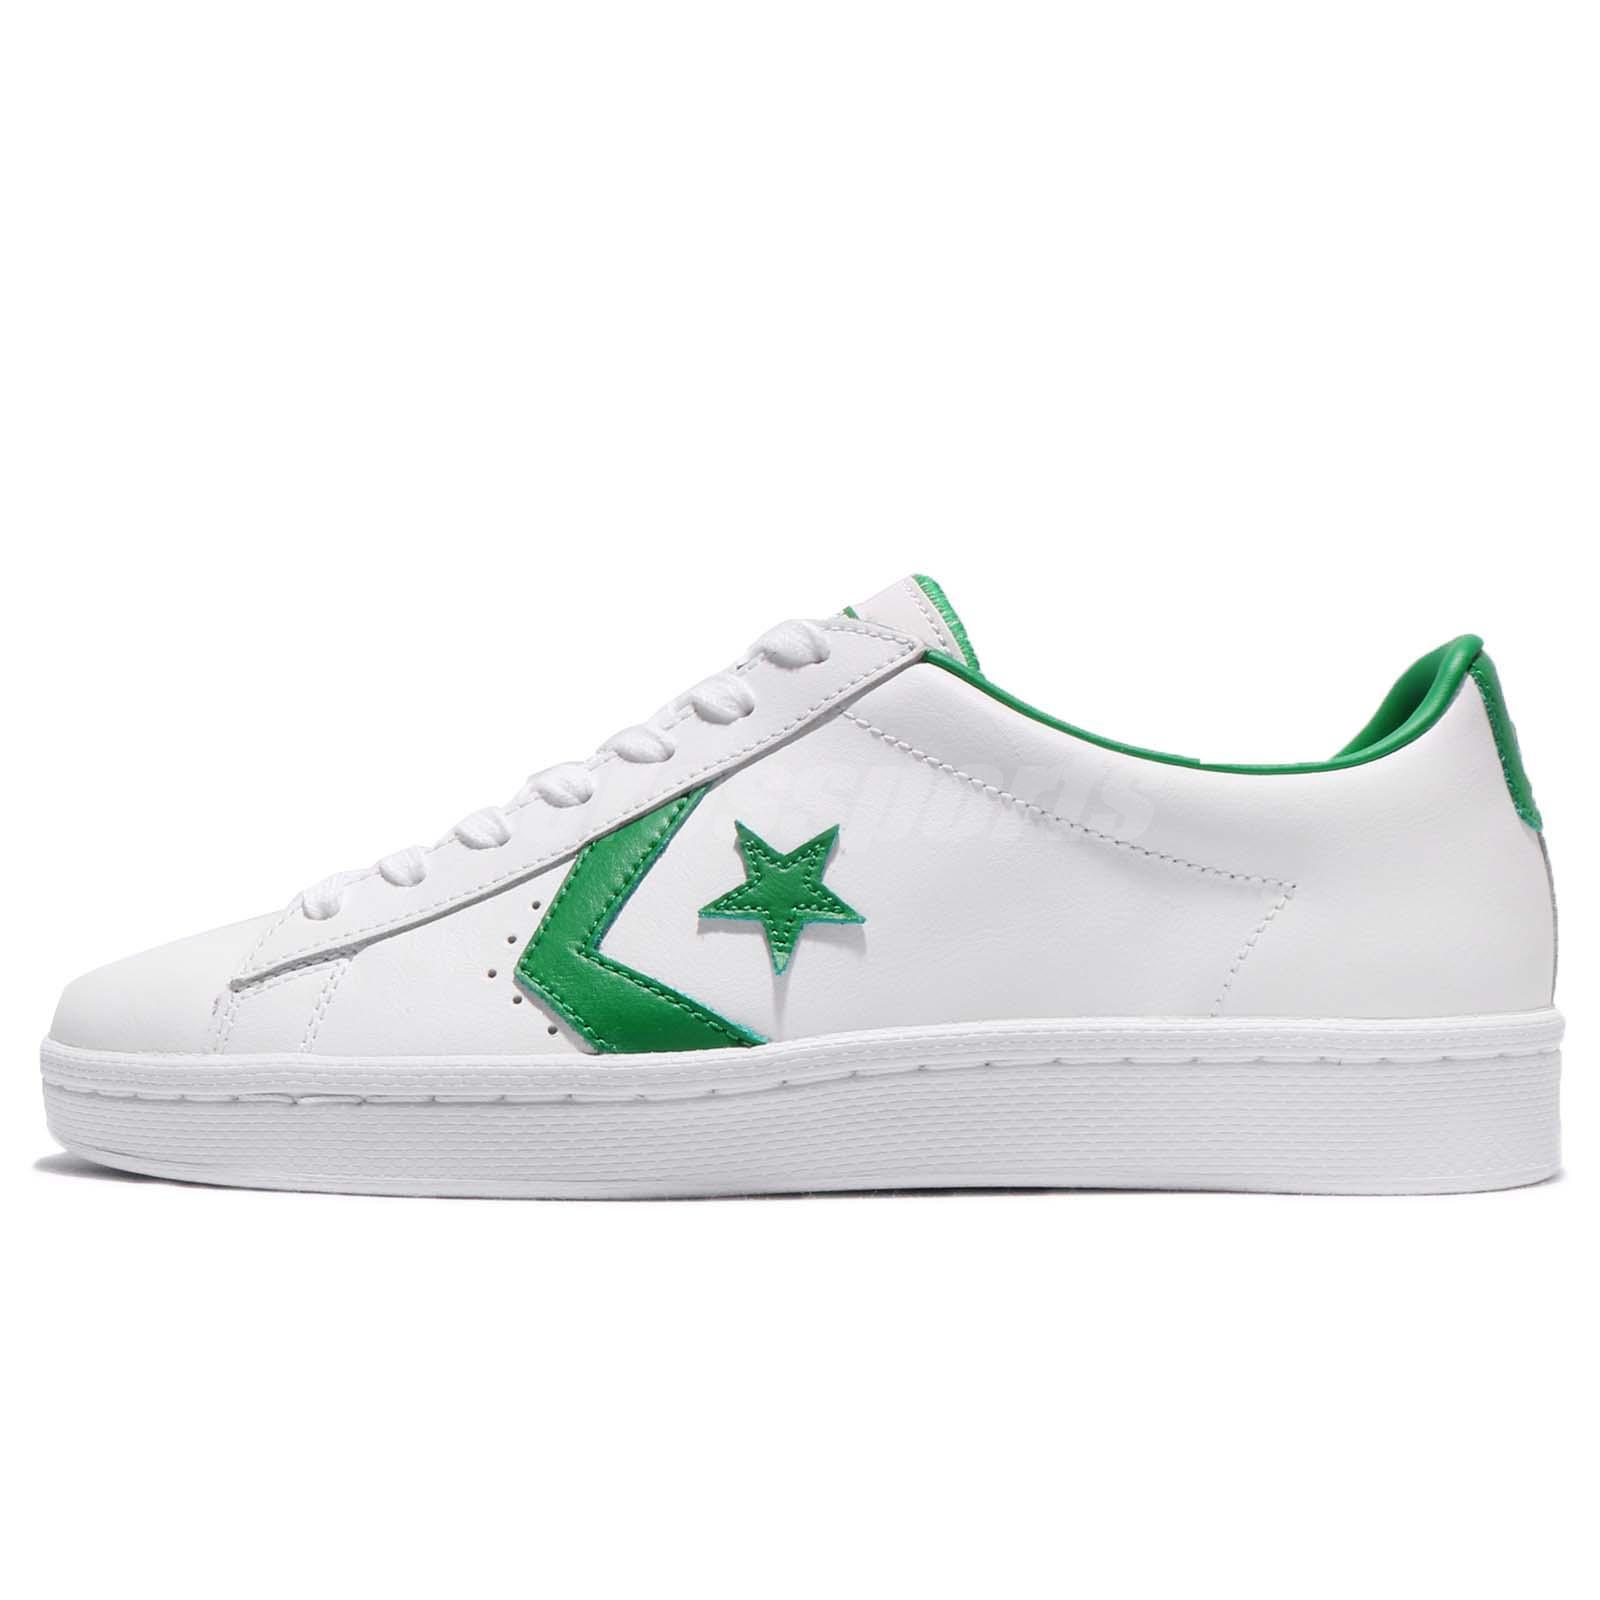 4eefecc0e4cad5 Converse PL 76 Cons Pro Leather Low White Green Leather Men Shoe Sneaker  157808C